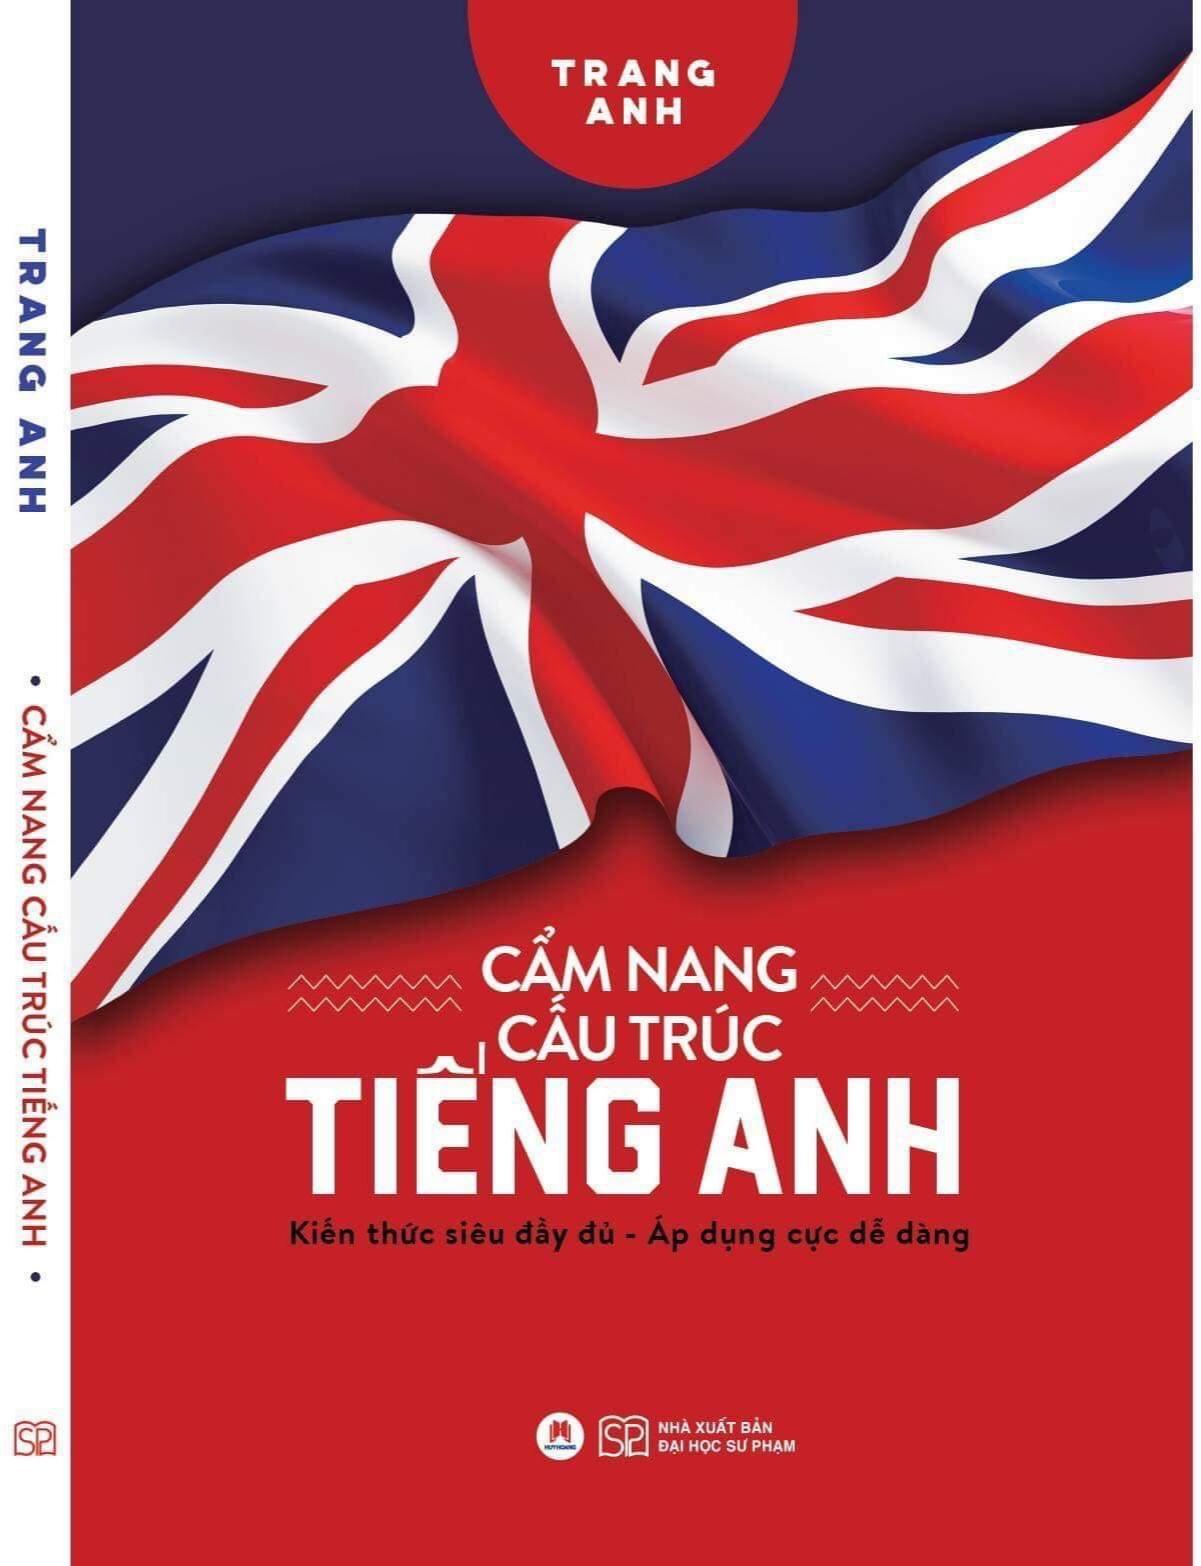 Cẩm Nang Cấu Trúc Tiếng Anh - Cô Trang Anh Giá Cực Cool